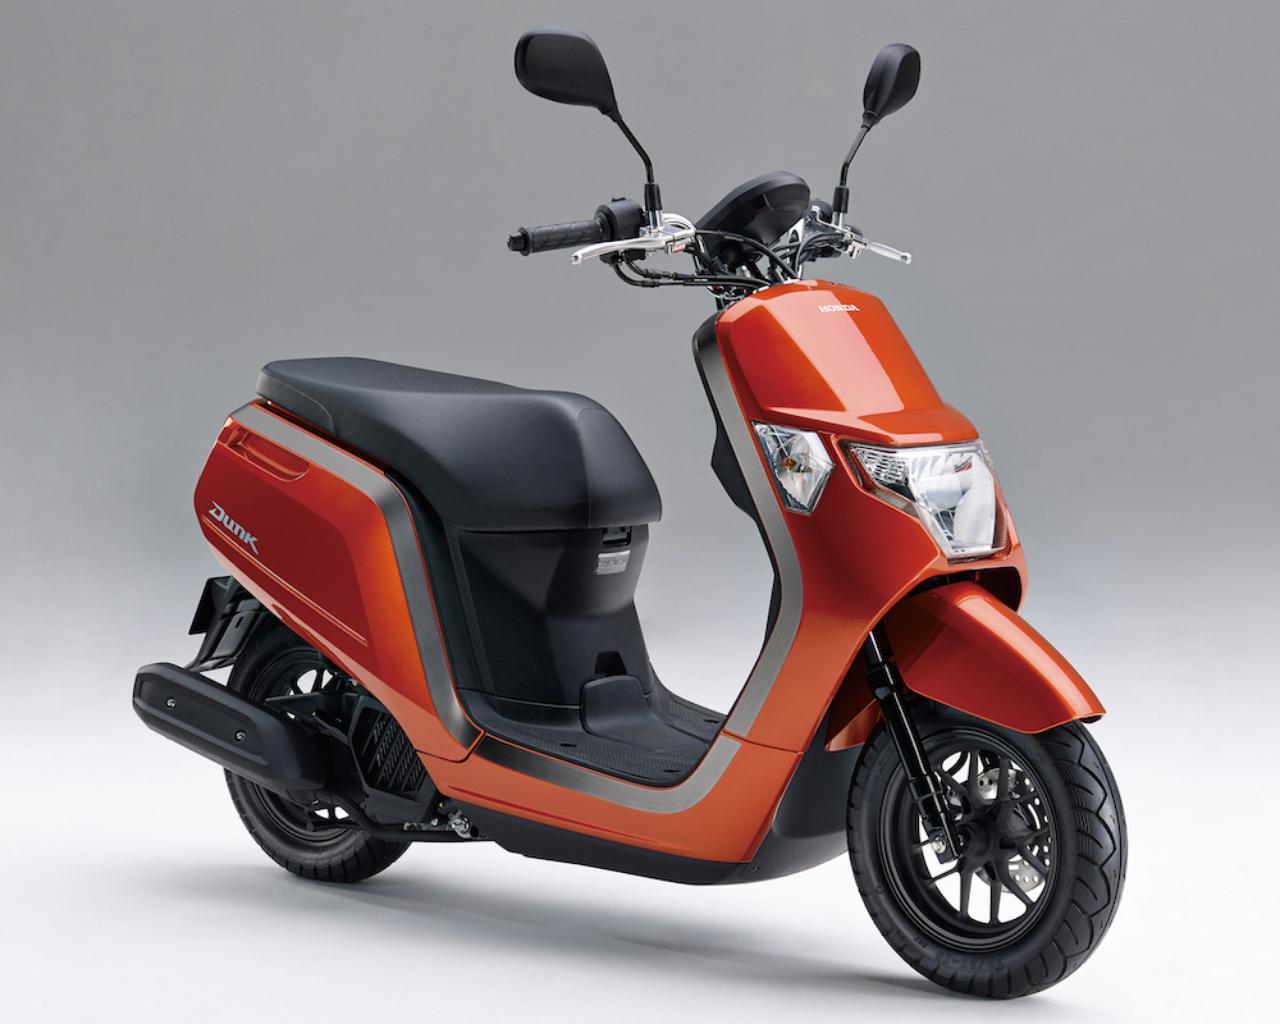 画像: H064 HONDA DUNK ■価格:21万4920円 若者をターゲットにした新世代50ccスクーター。リラックスポジションで乗り心地も快適。充電ソケット付き収納ポケットを標準装備。